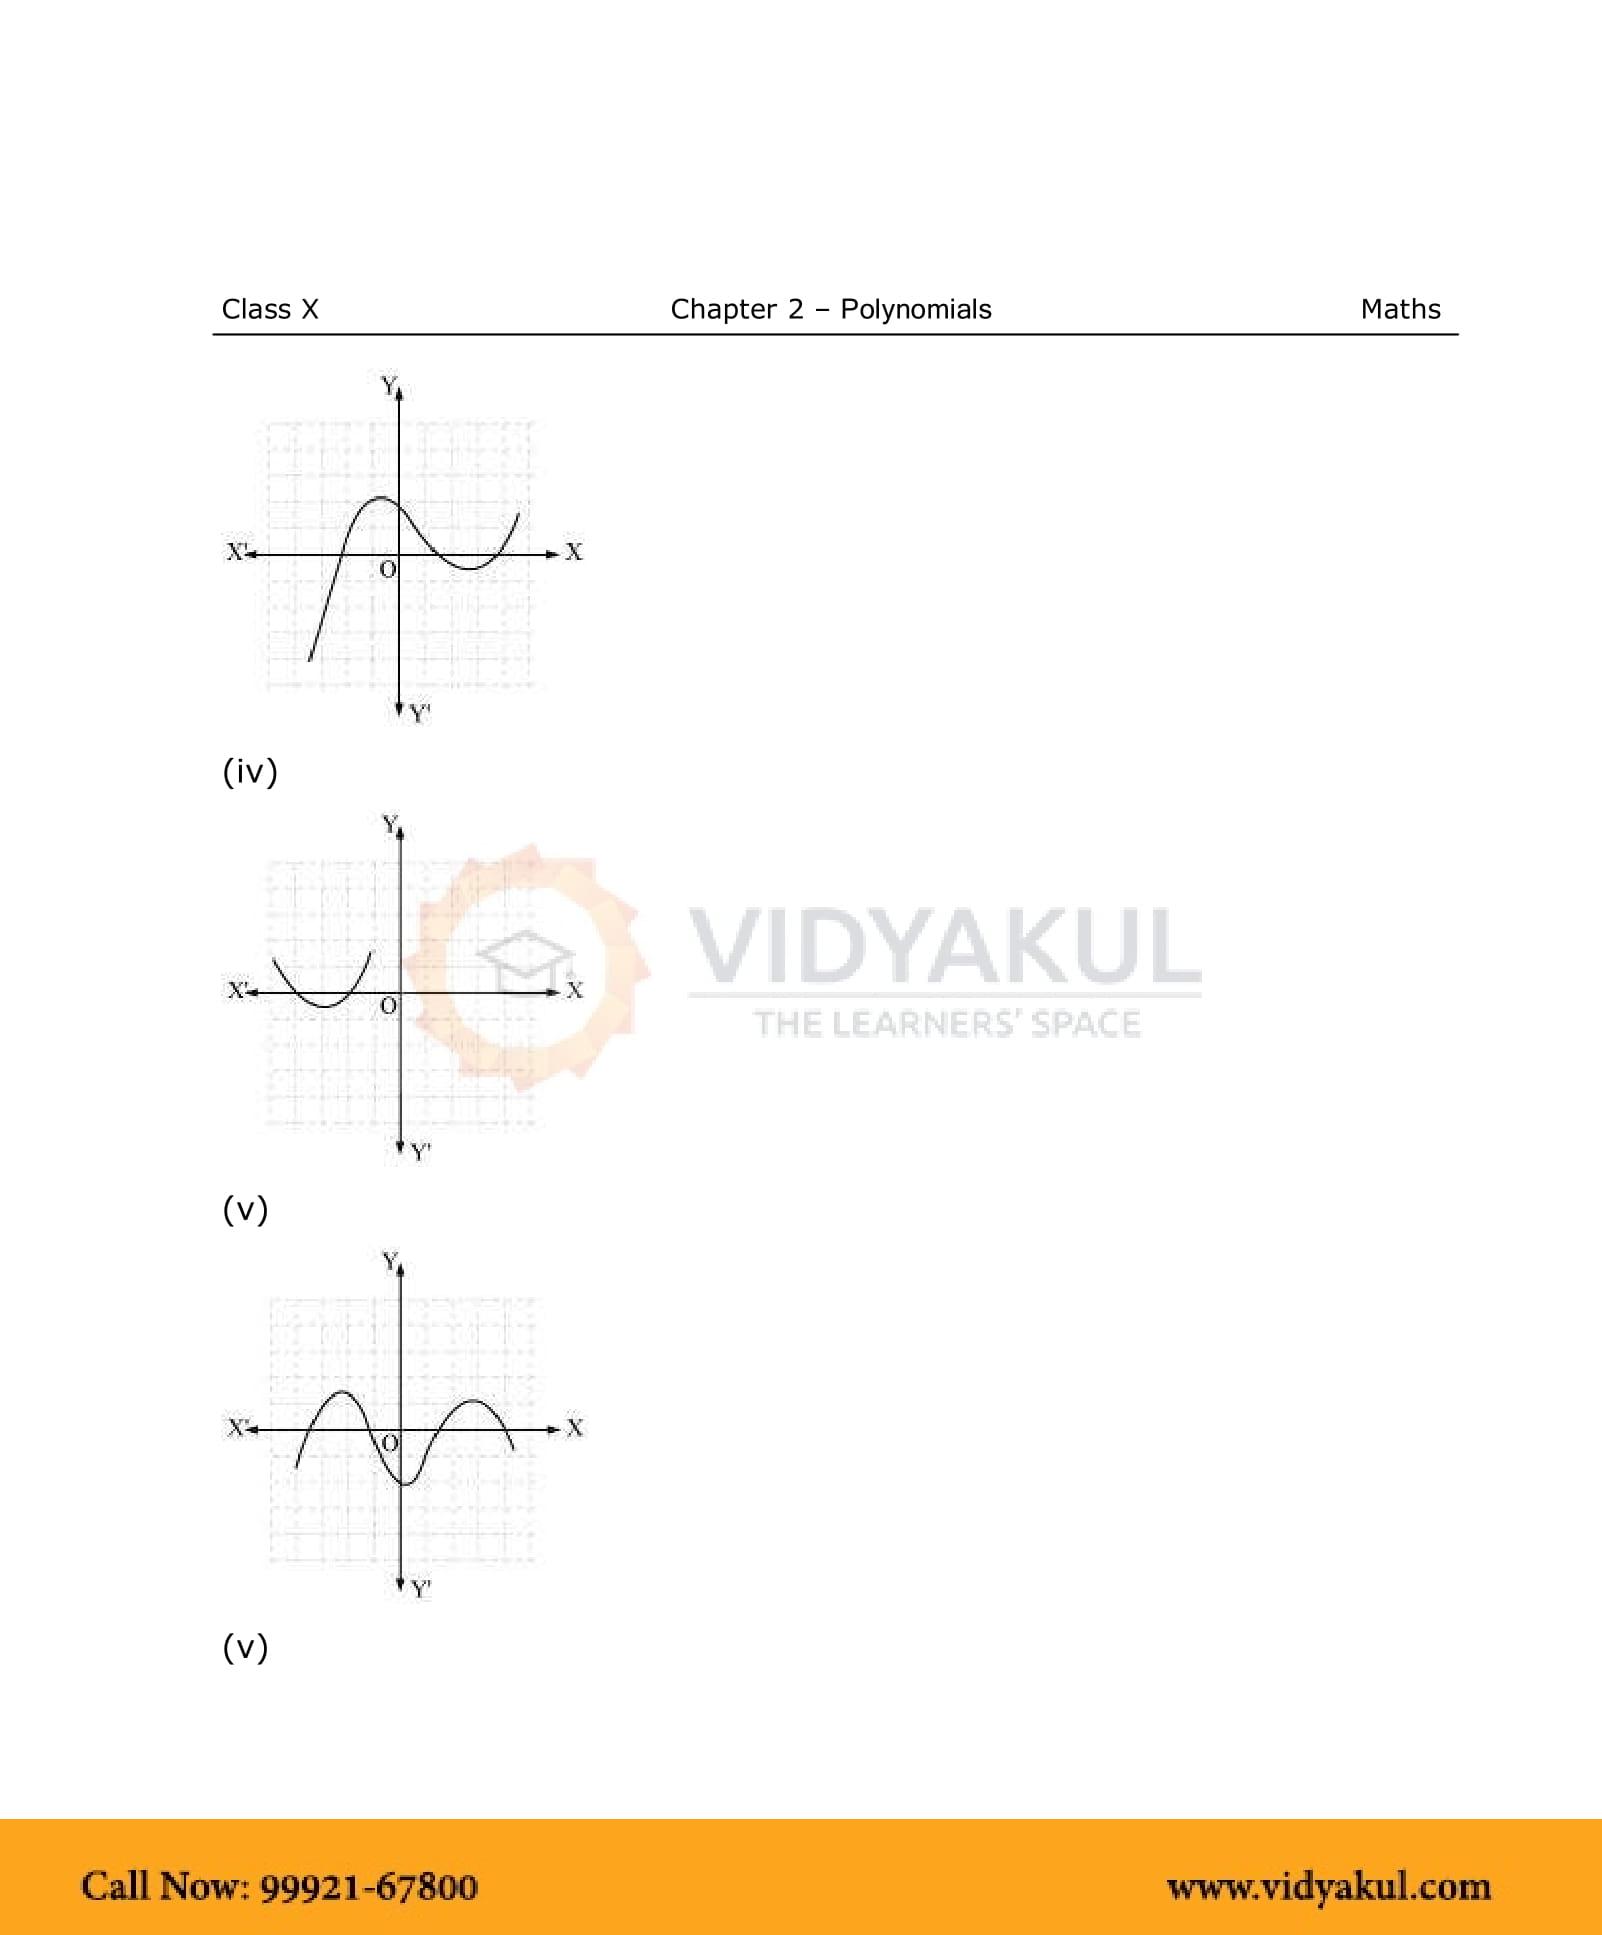 NCERT Solutions For Class 10 Maths Chapter 2 | Vidyakul